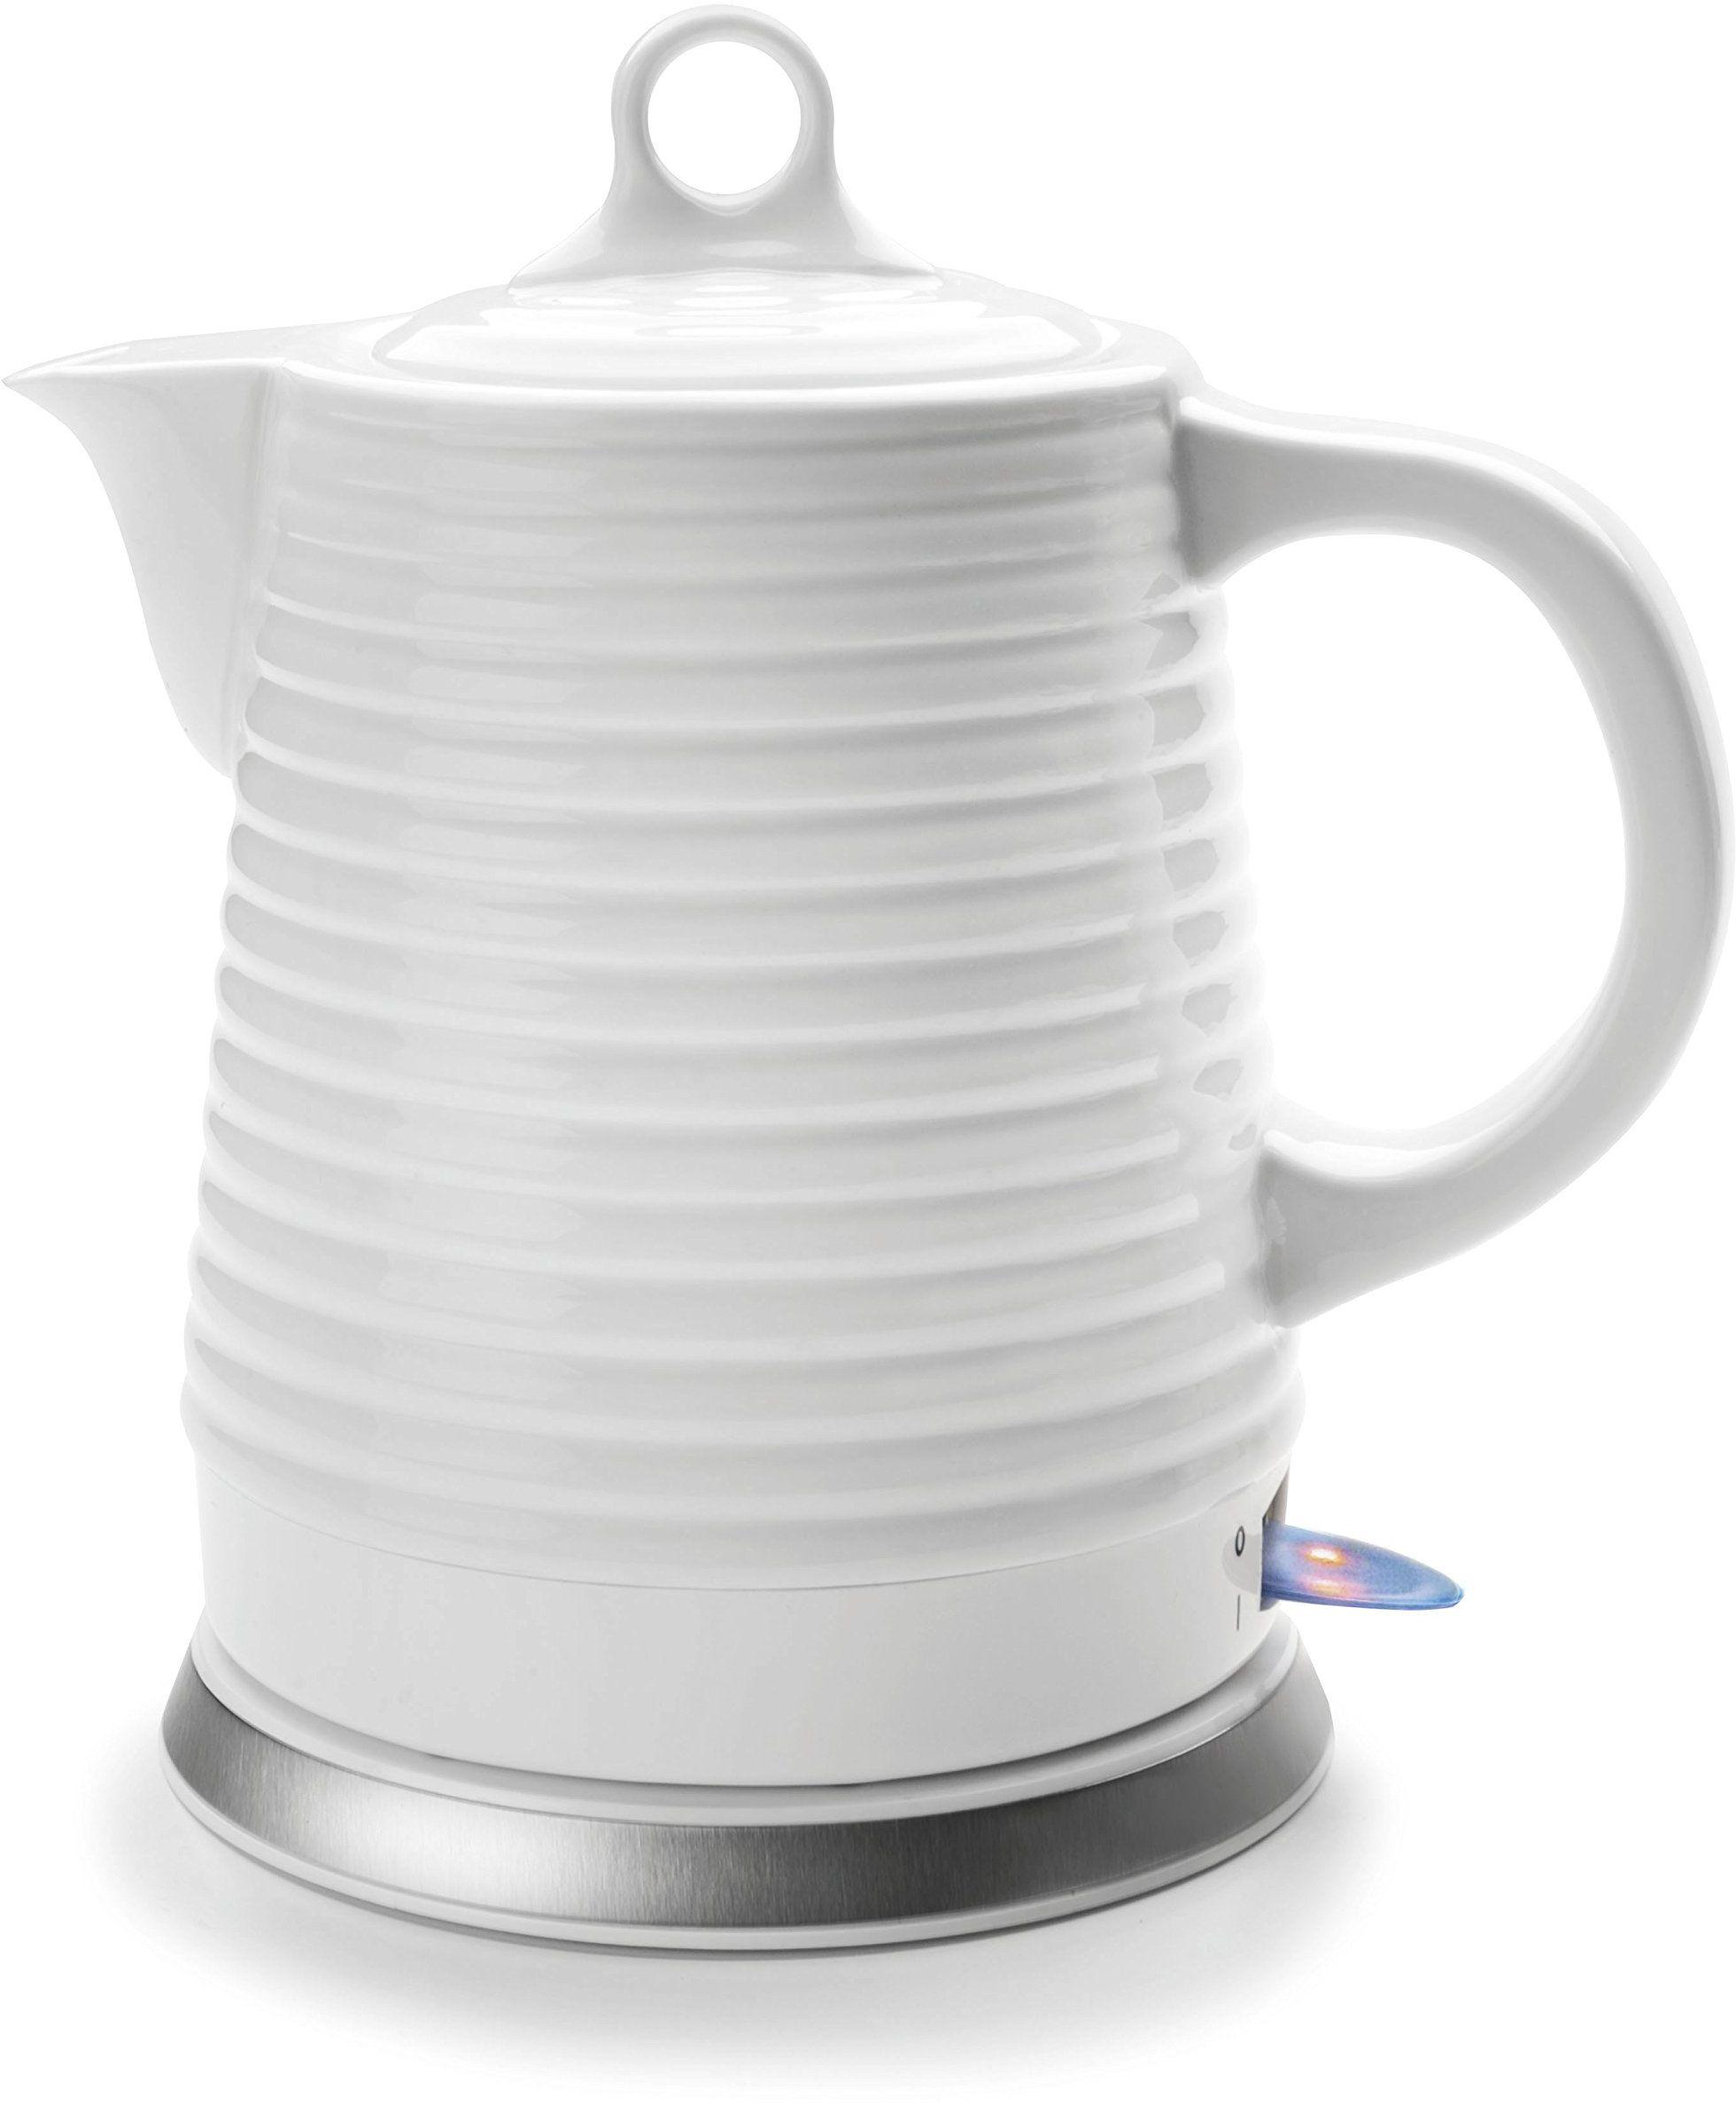 Lacor 69276 Gala ceramiczny czajnik elektryczny, biały